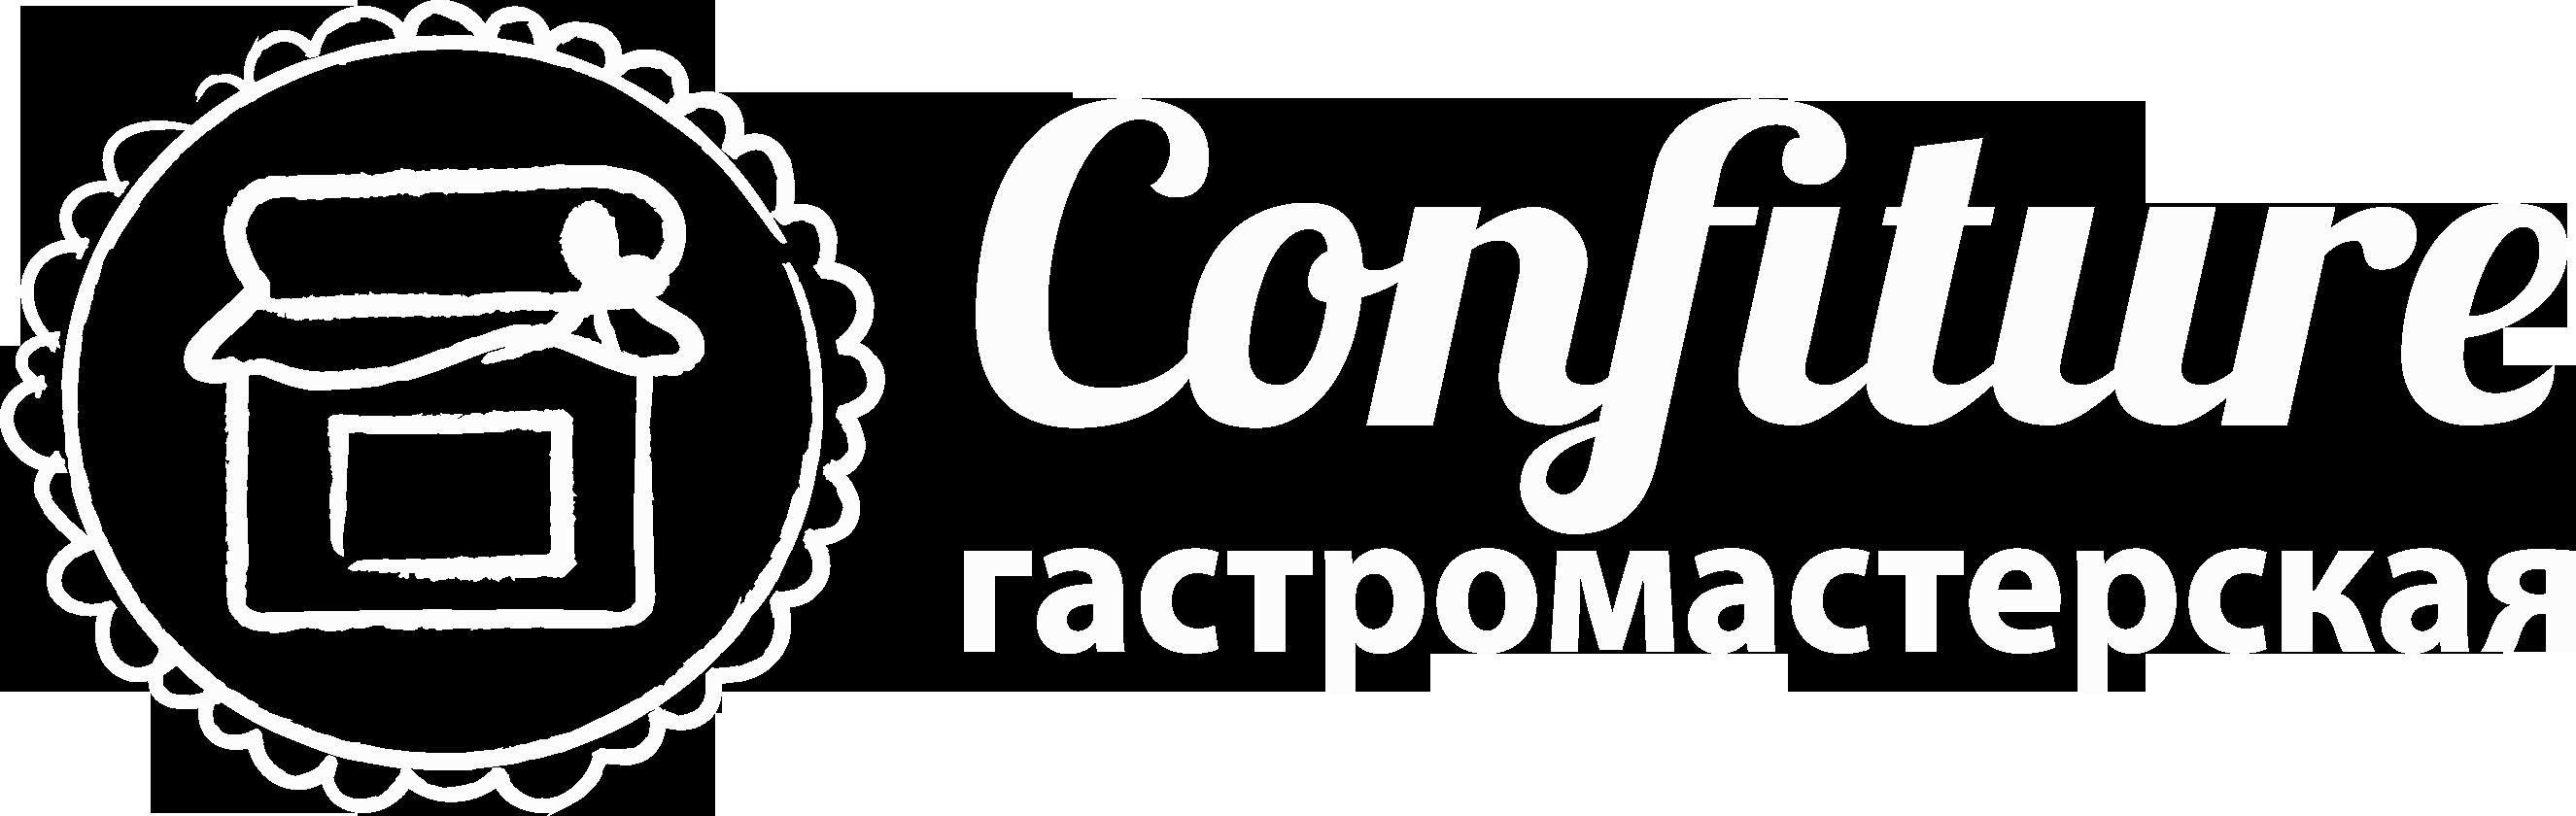 Confitier